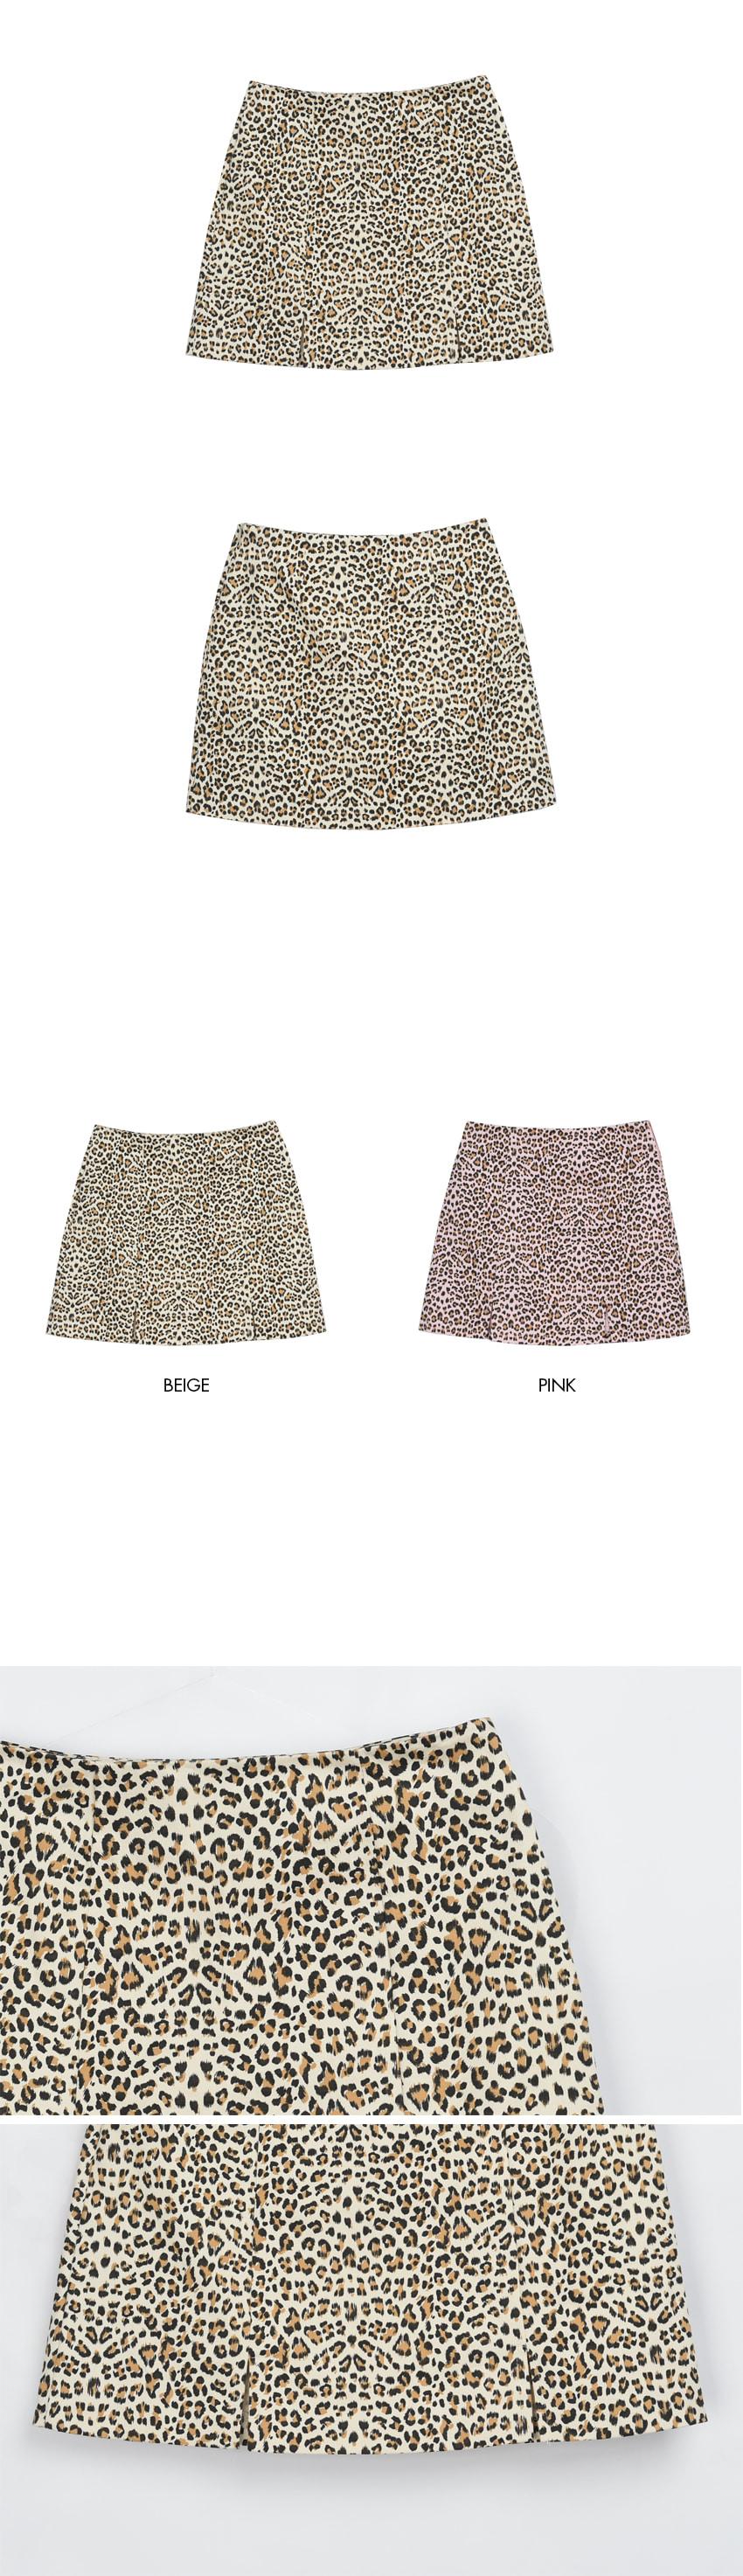 Hopi mini skirt